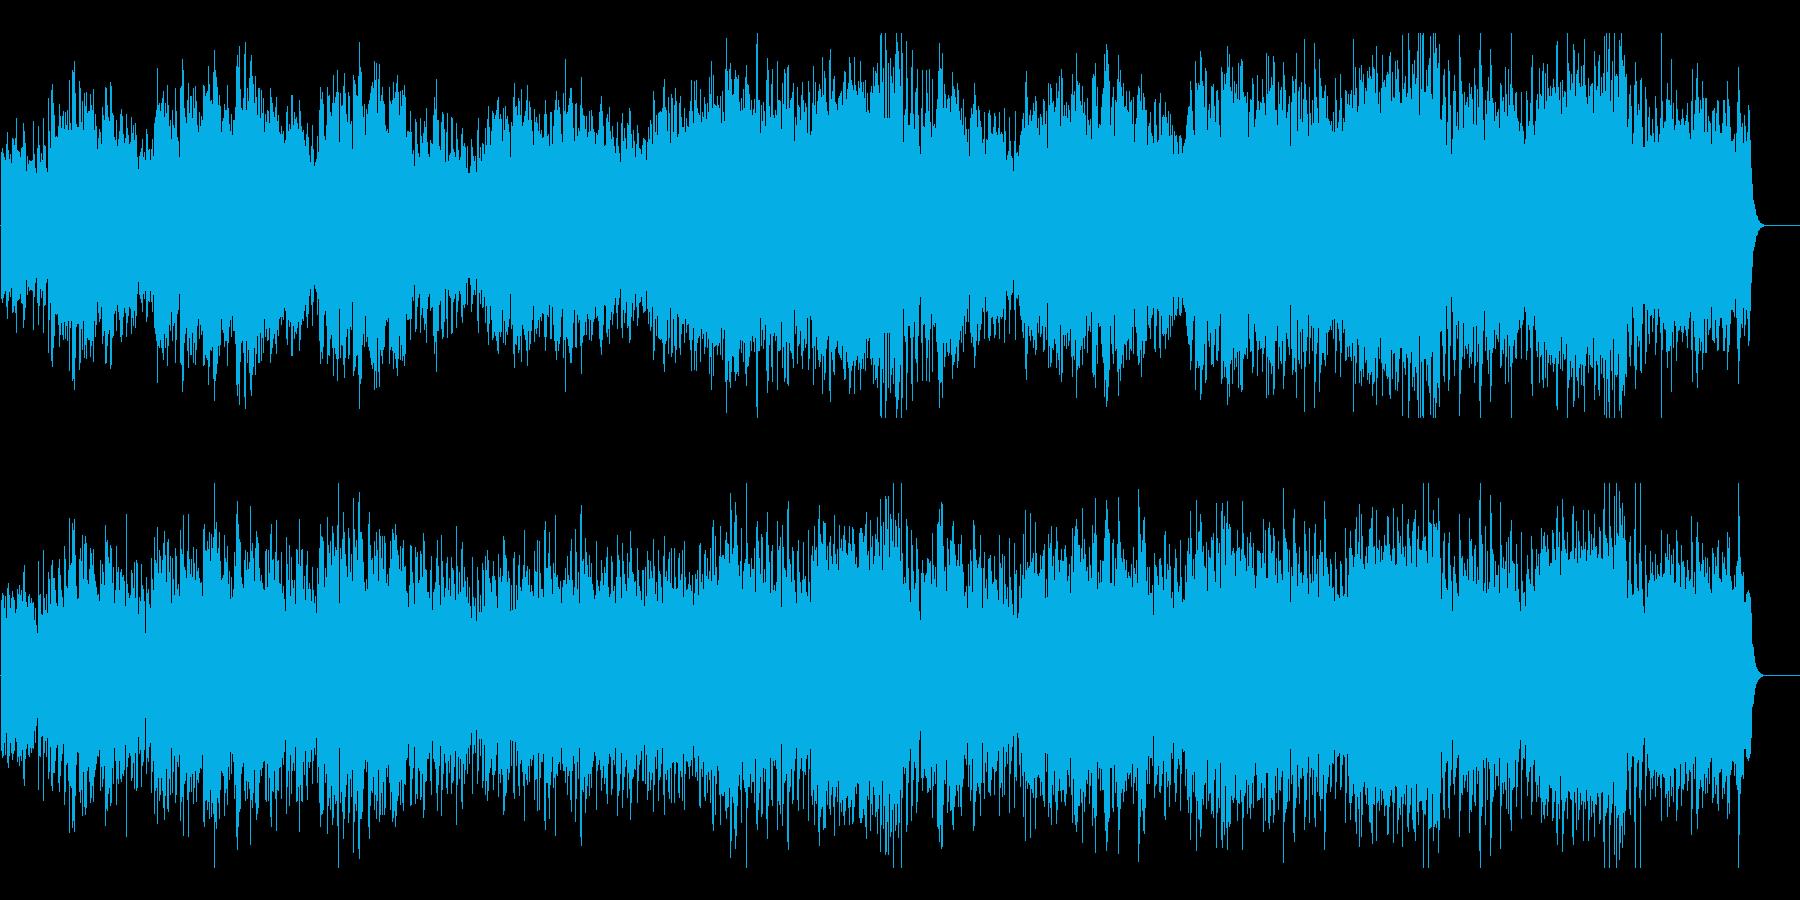 クリスマス メルヘン かわいい 優しいの再生済みの波形